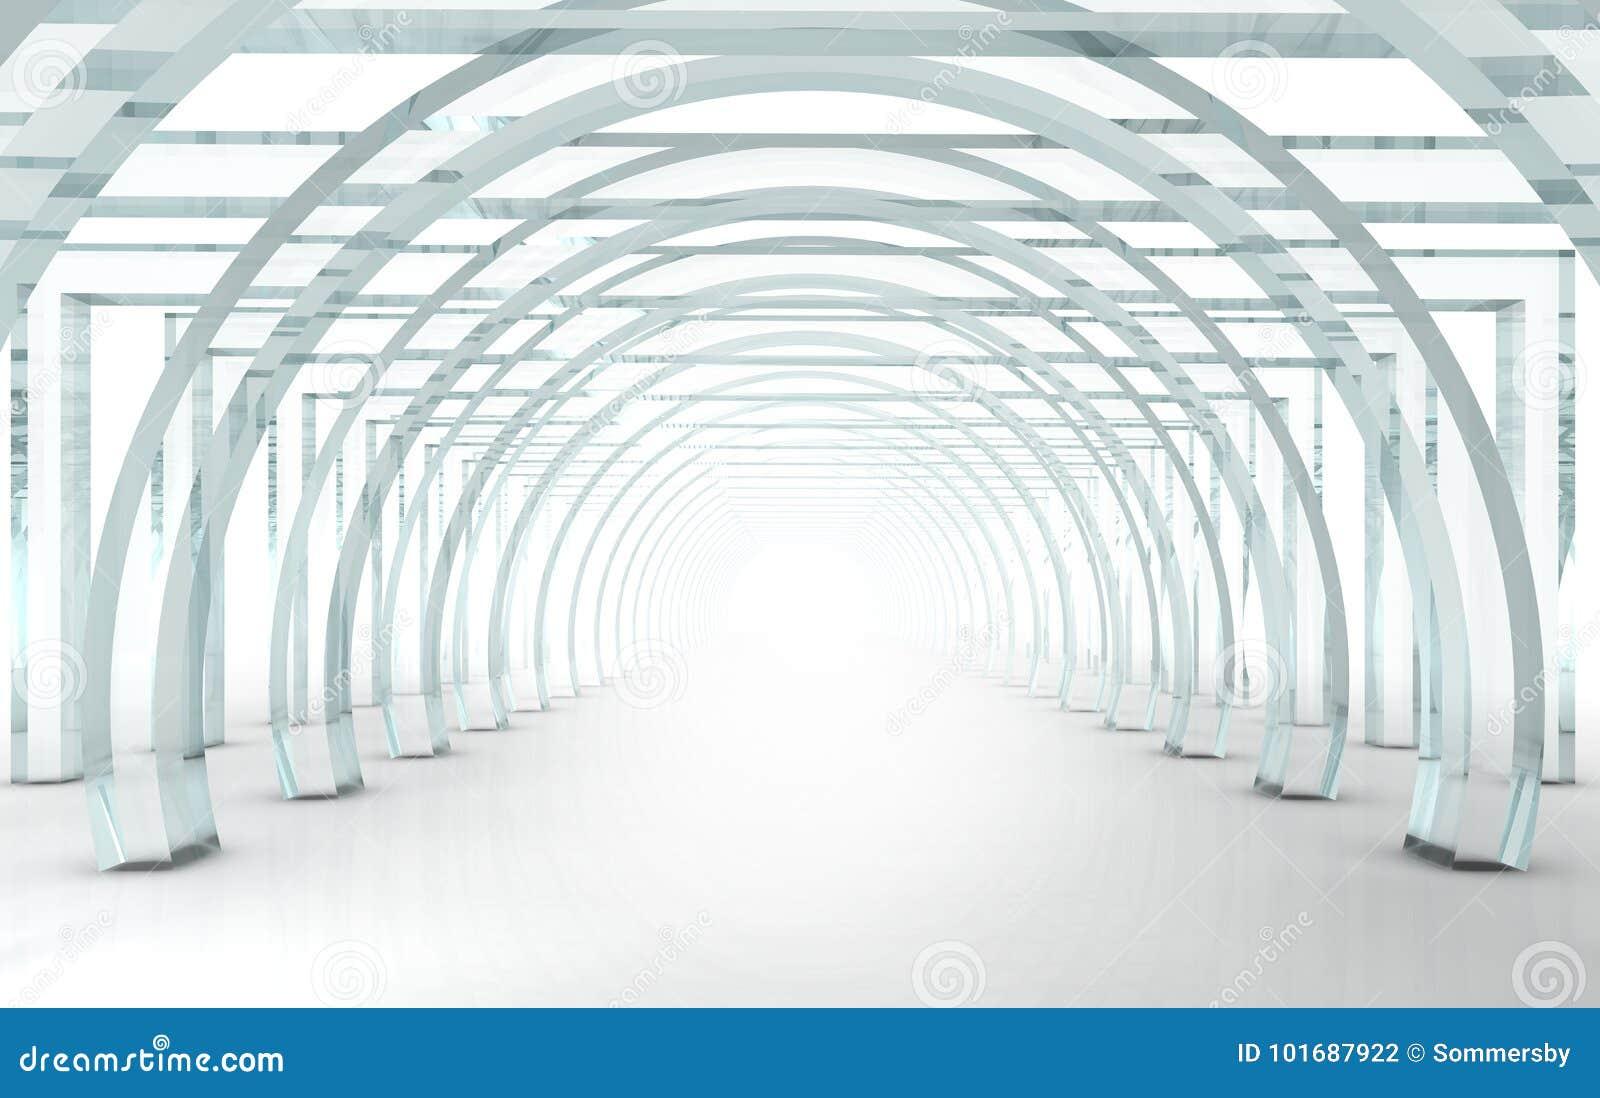 Couloir ou tunnel en verre lumineux dans la perspective